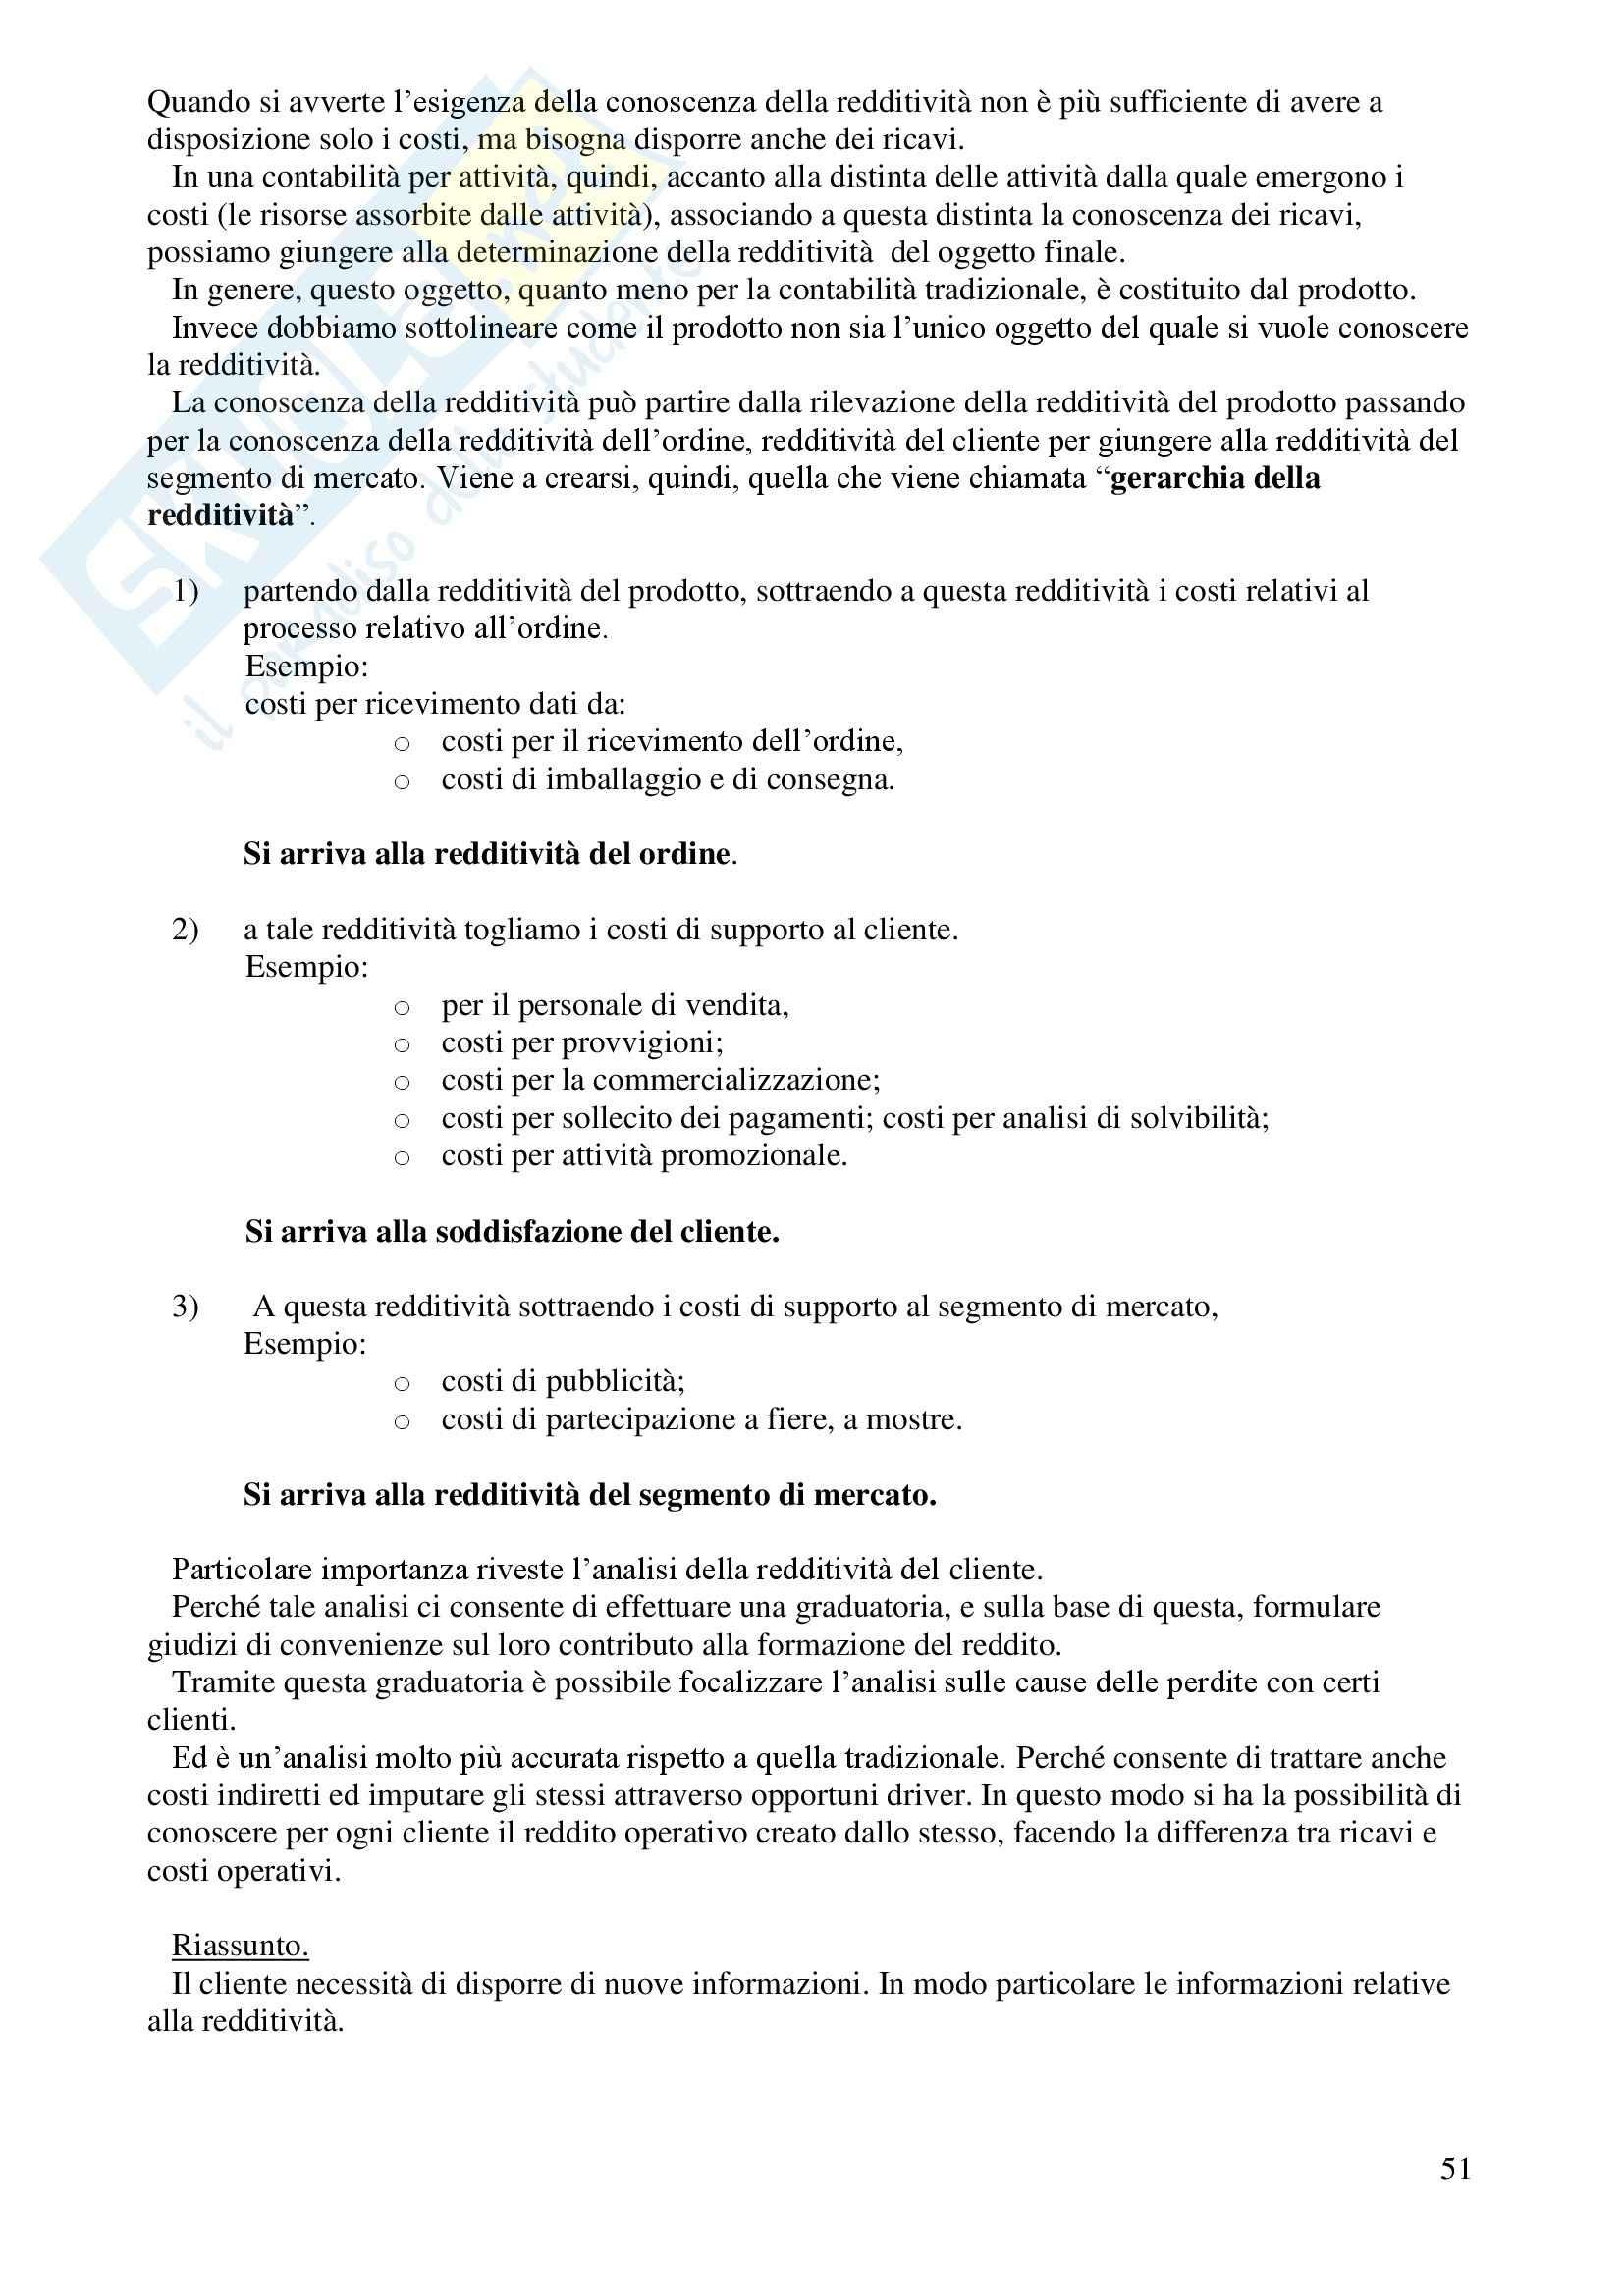 Contabilità generale e analitica - Appunti Pag. 51